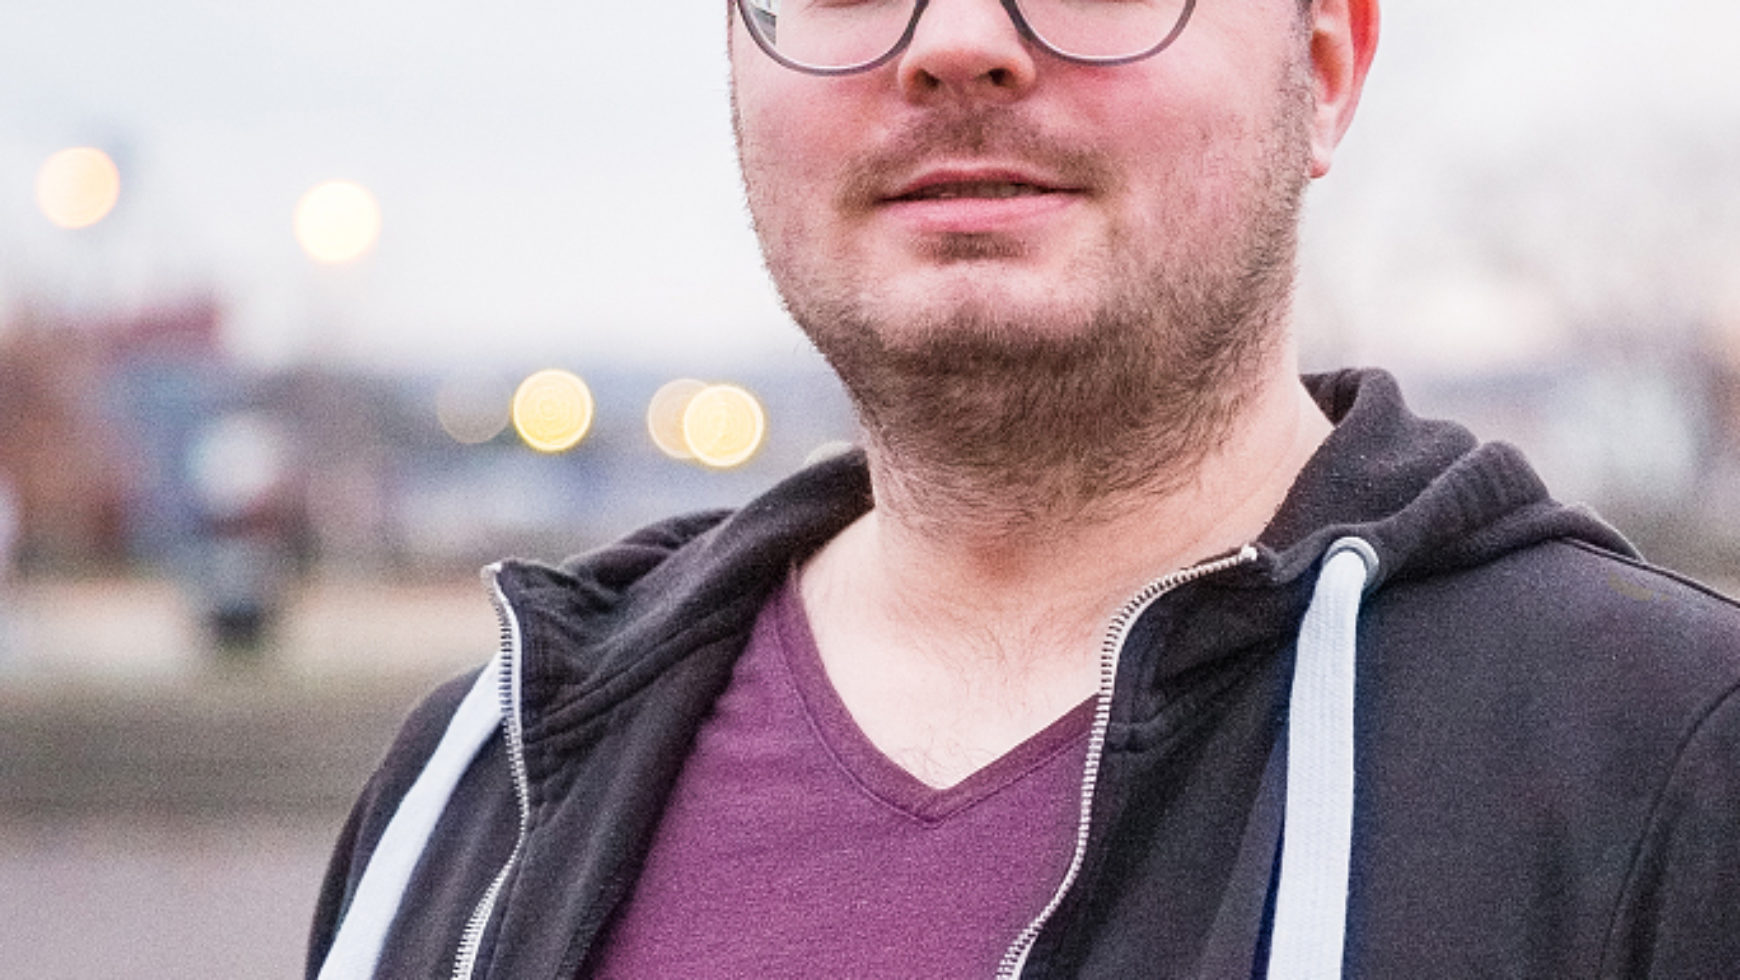 Stefan Grunwald